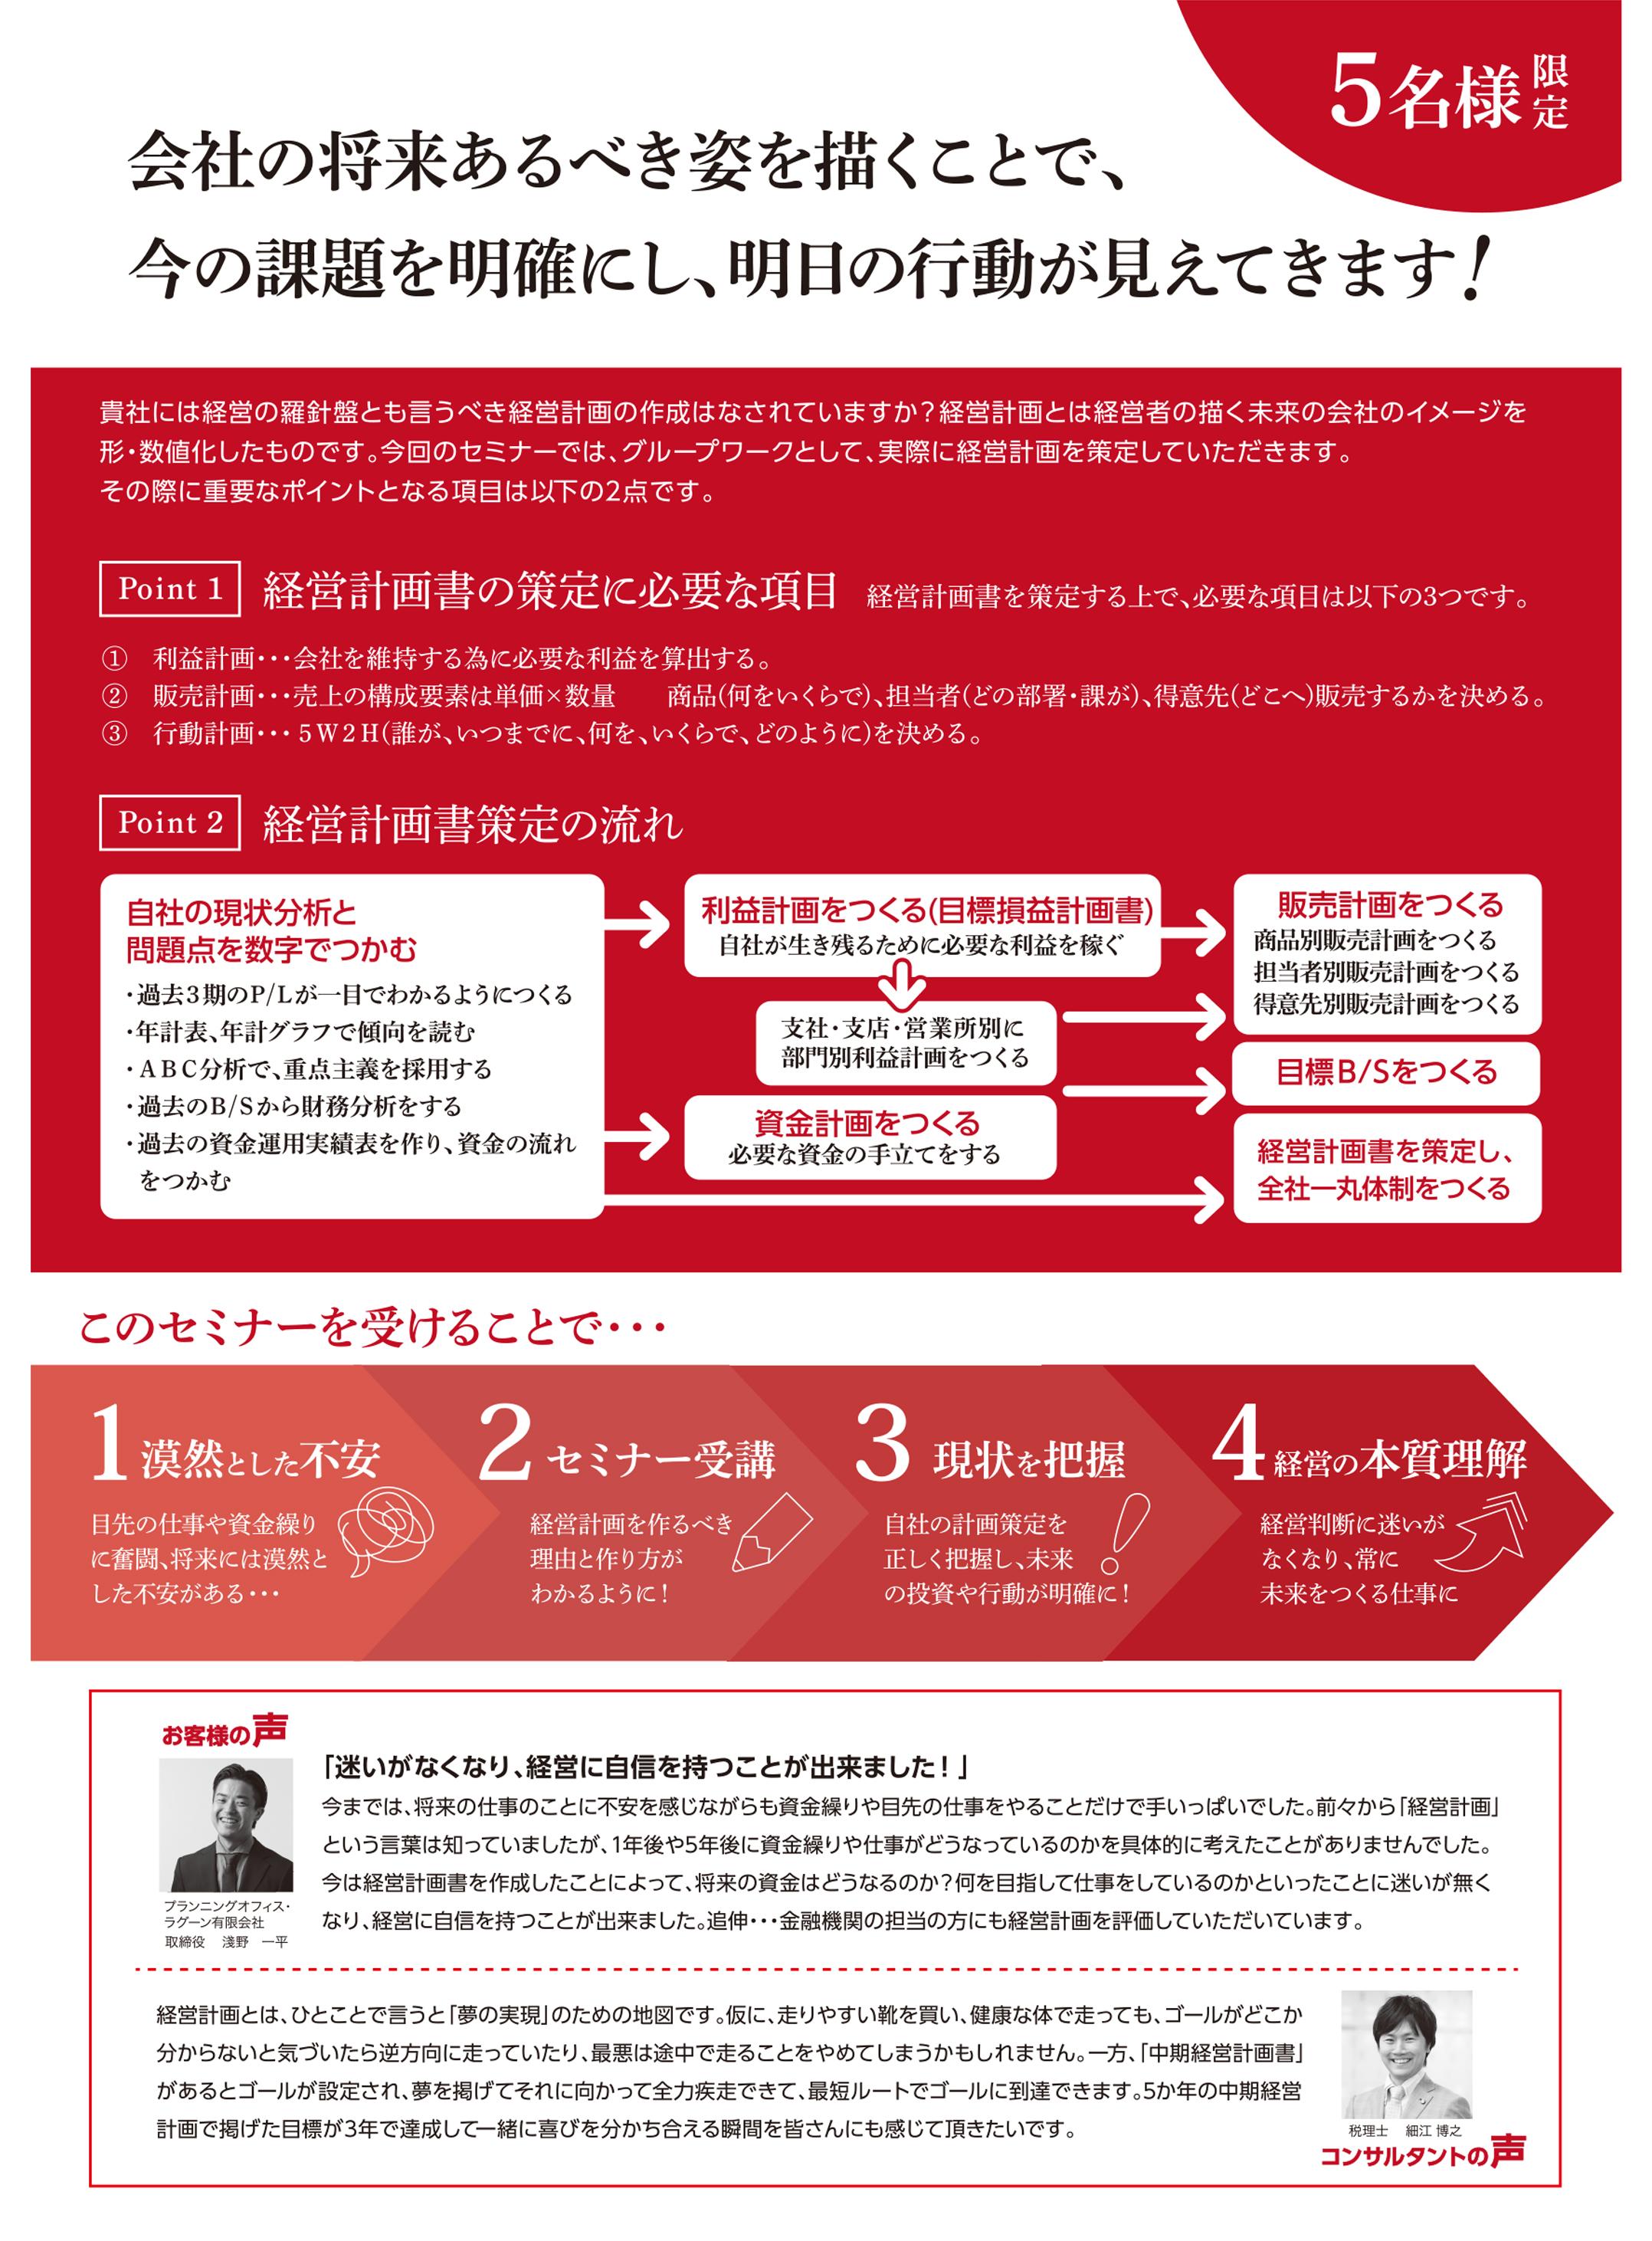 200117 経営計画策定セミナーura